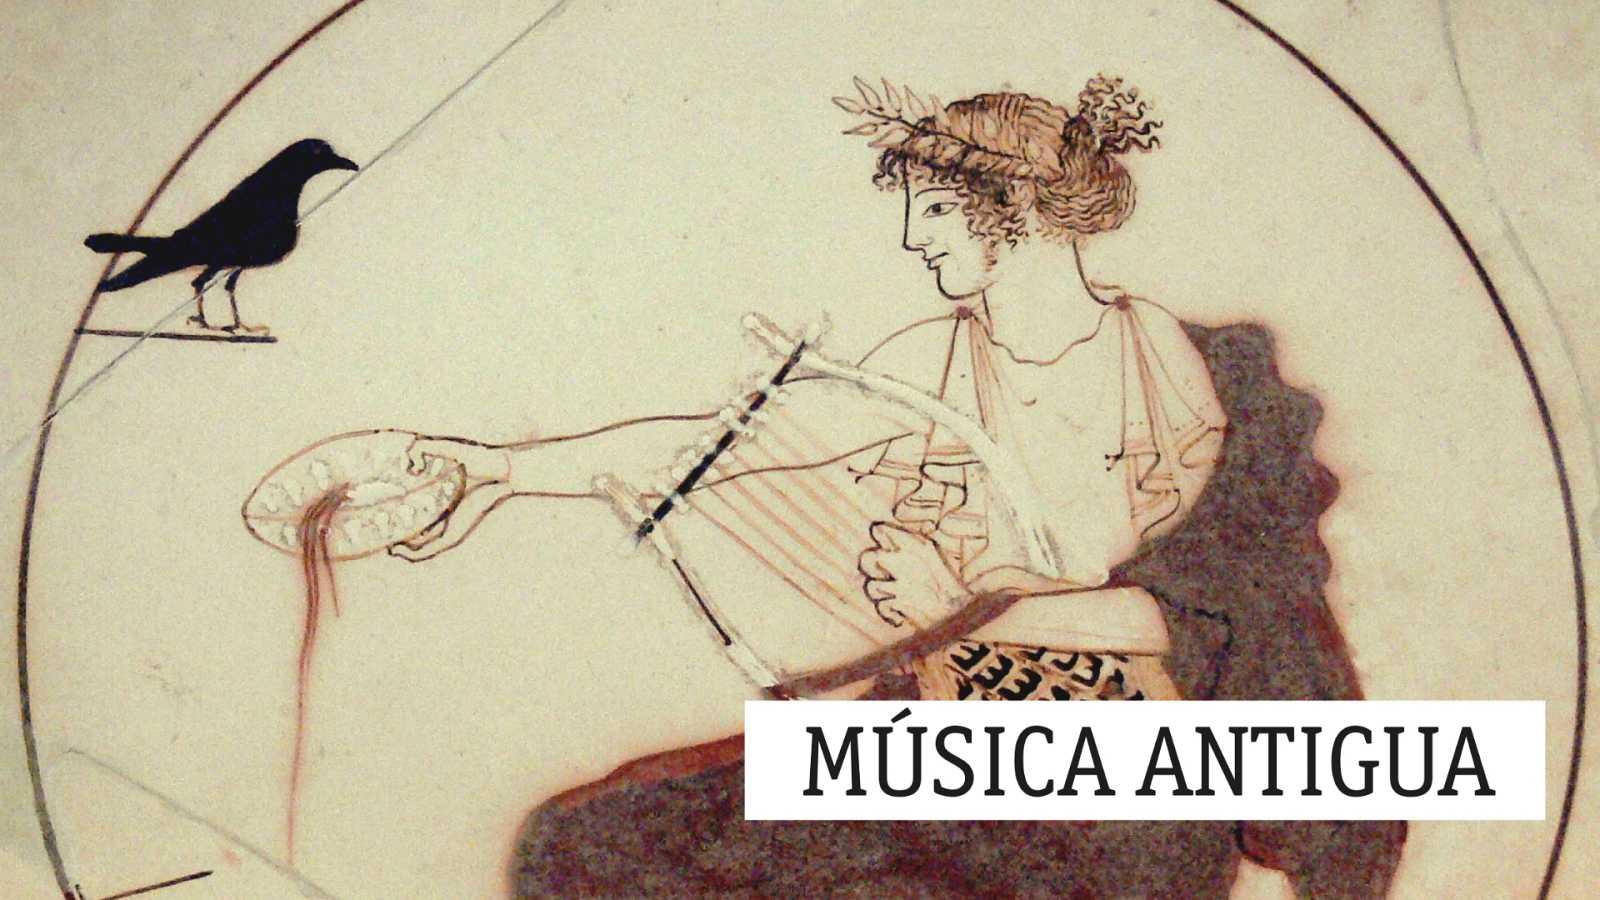 Música antigua - Selectas y deliciosas chaconas, passacaglias y sarabandas - 29/12/20 - escuchar ahora